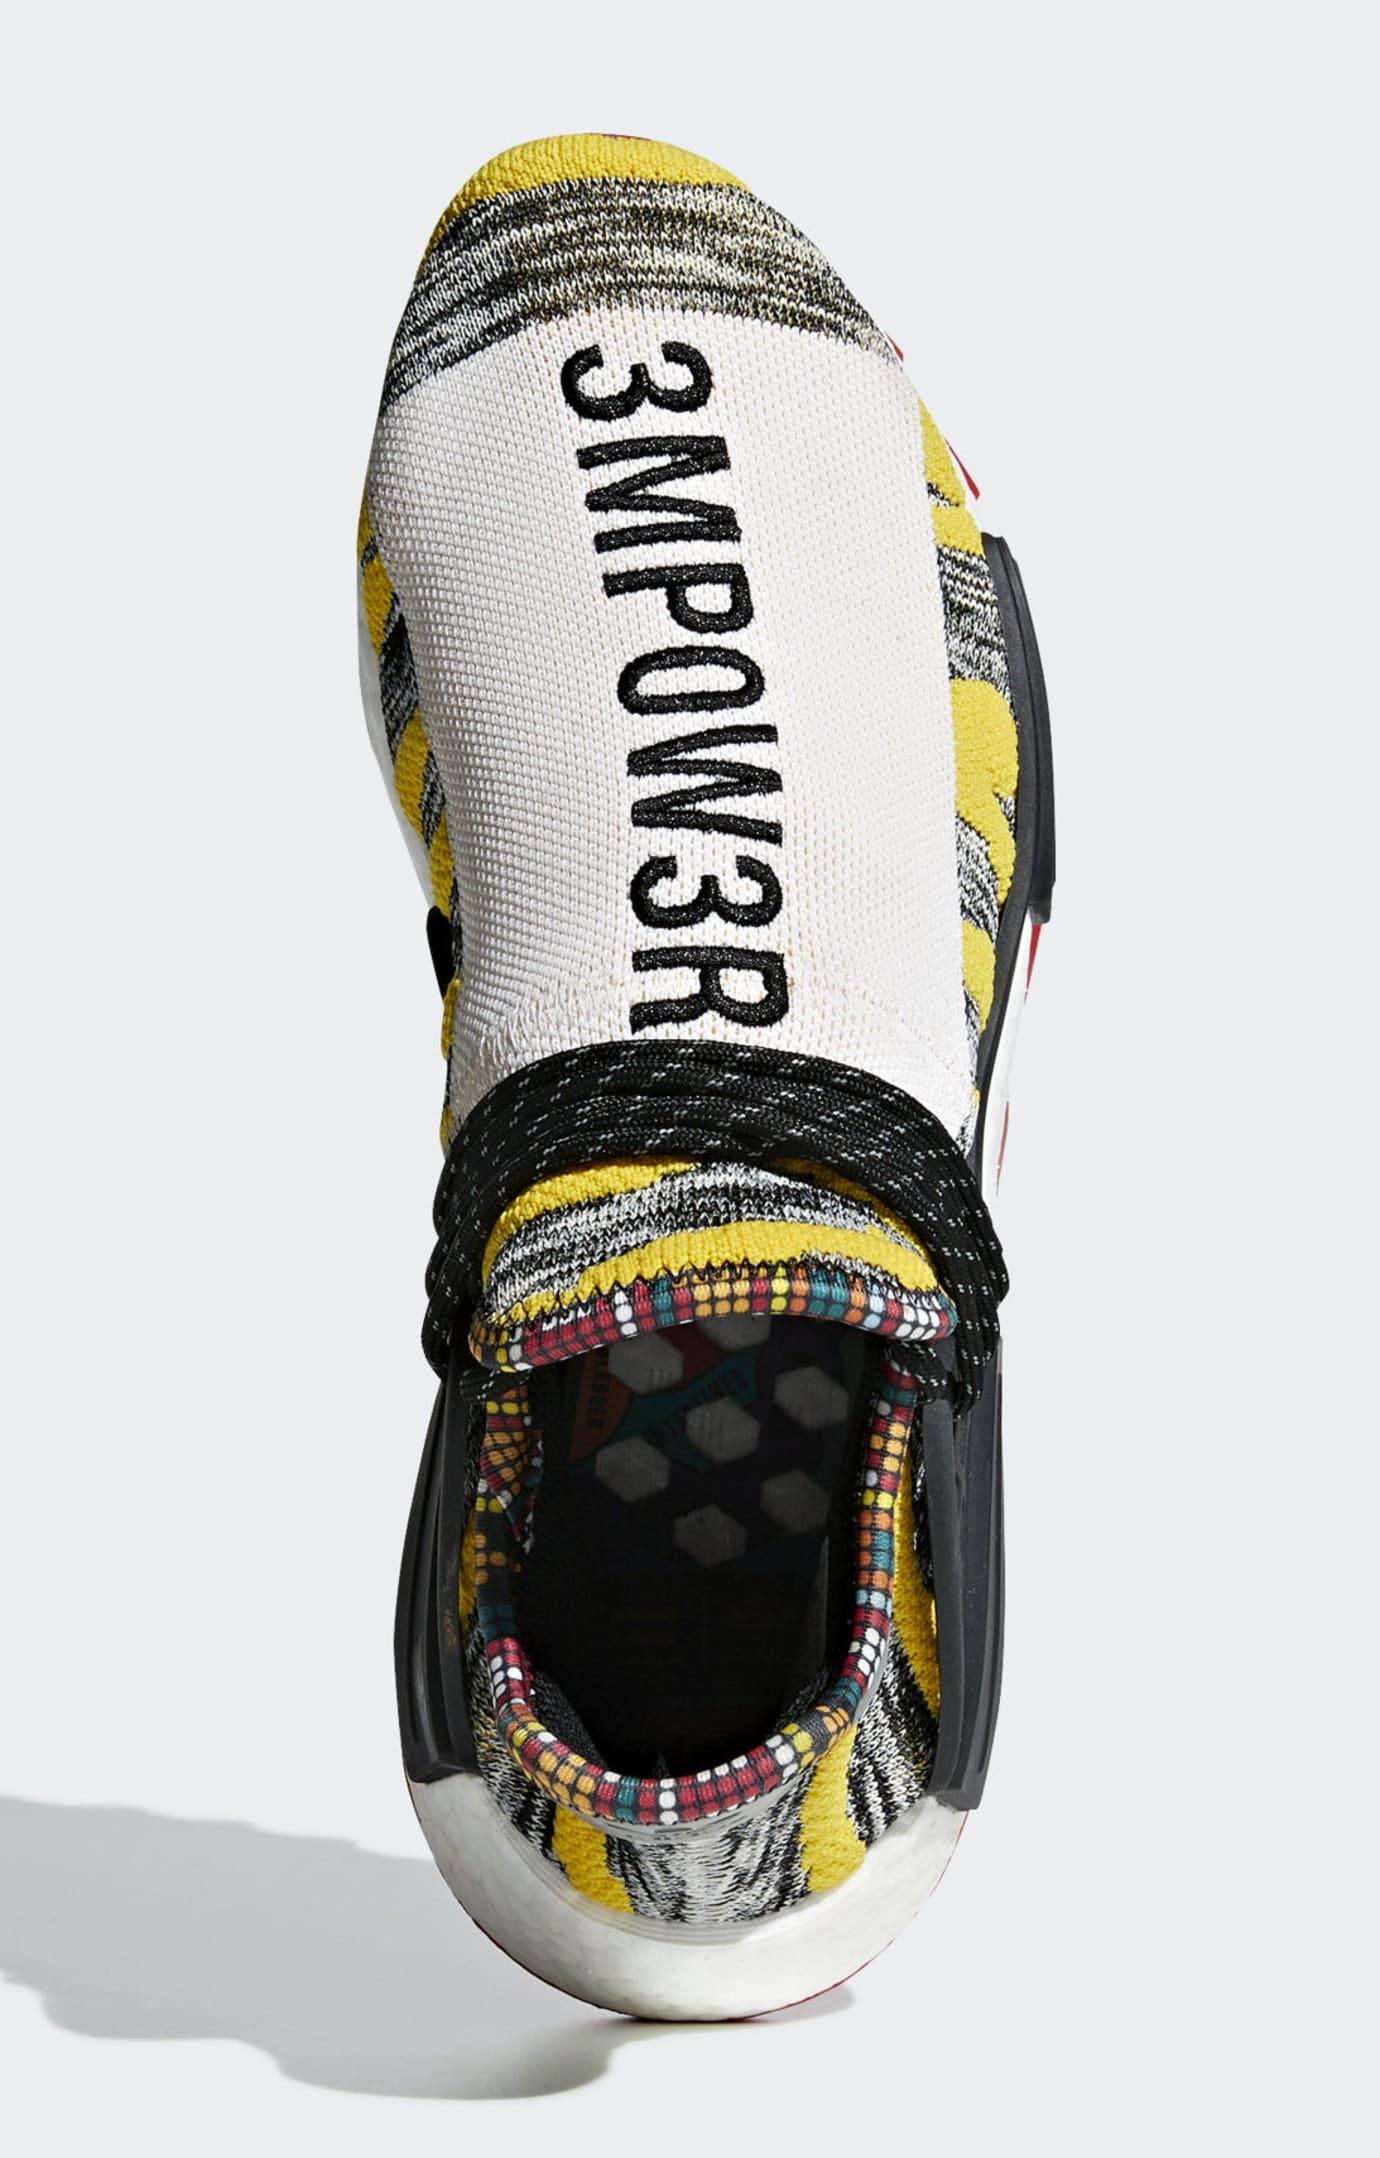 ca96f84dbfd2f Pharrell x Adidas Hu NMD  Solar Pack  Release Date BB9527 BB9528 ...